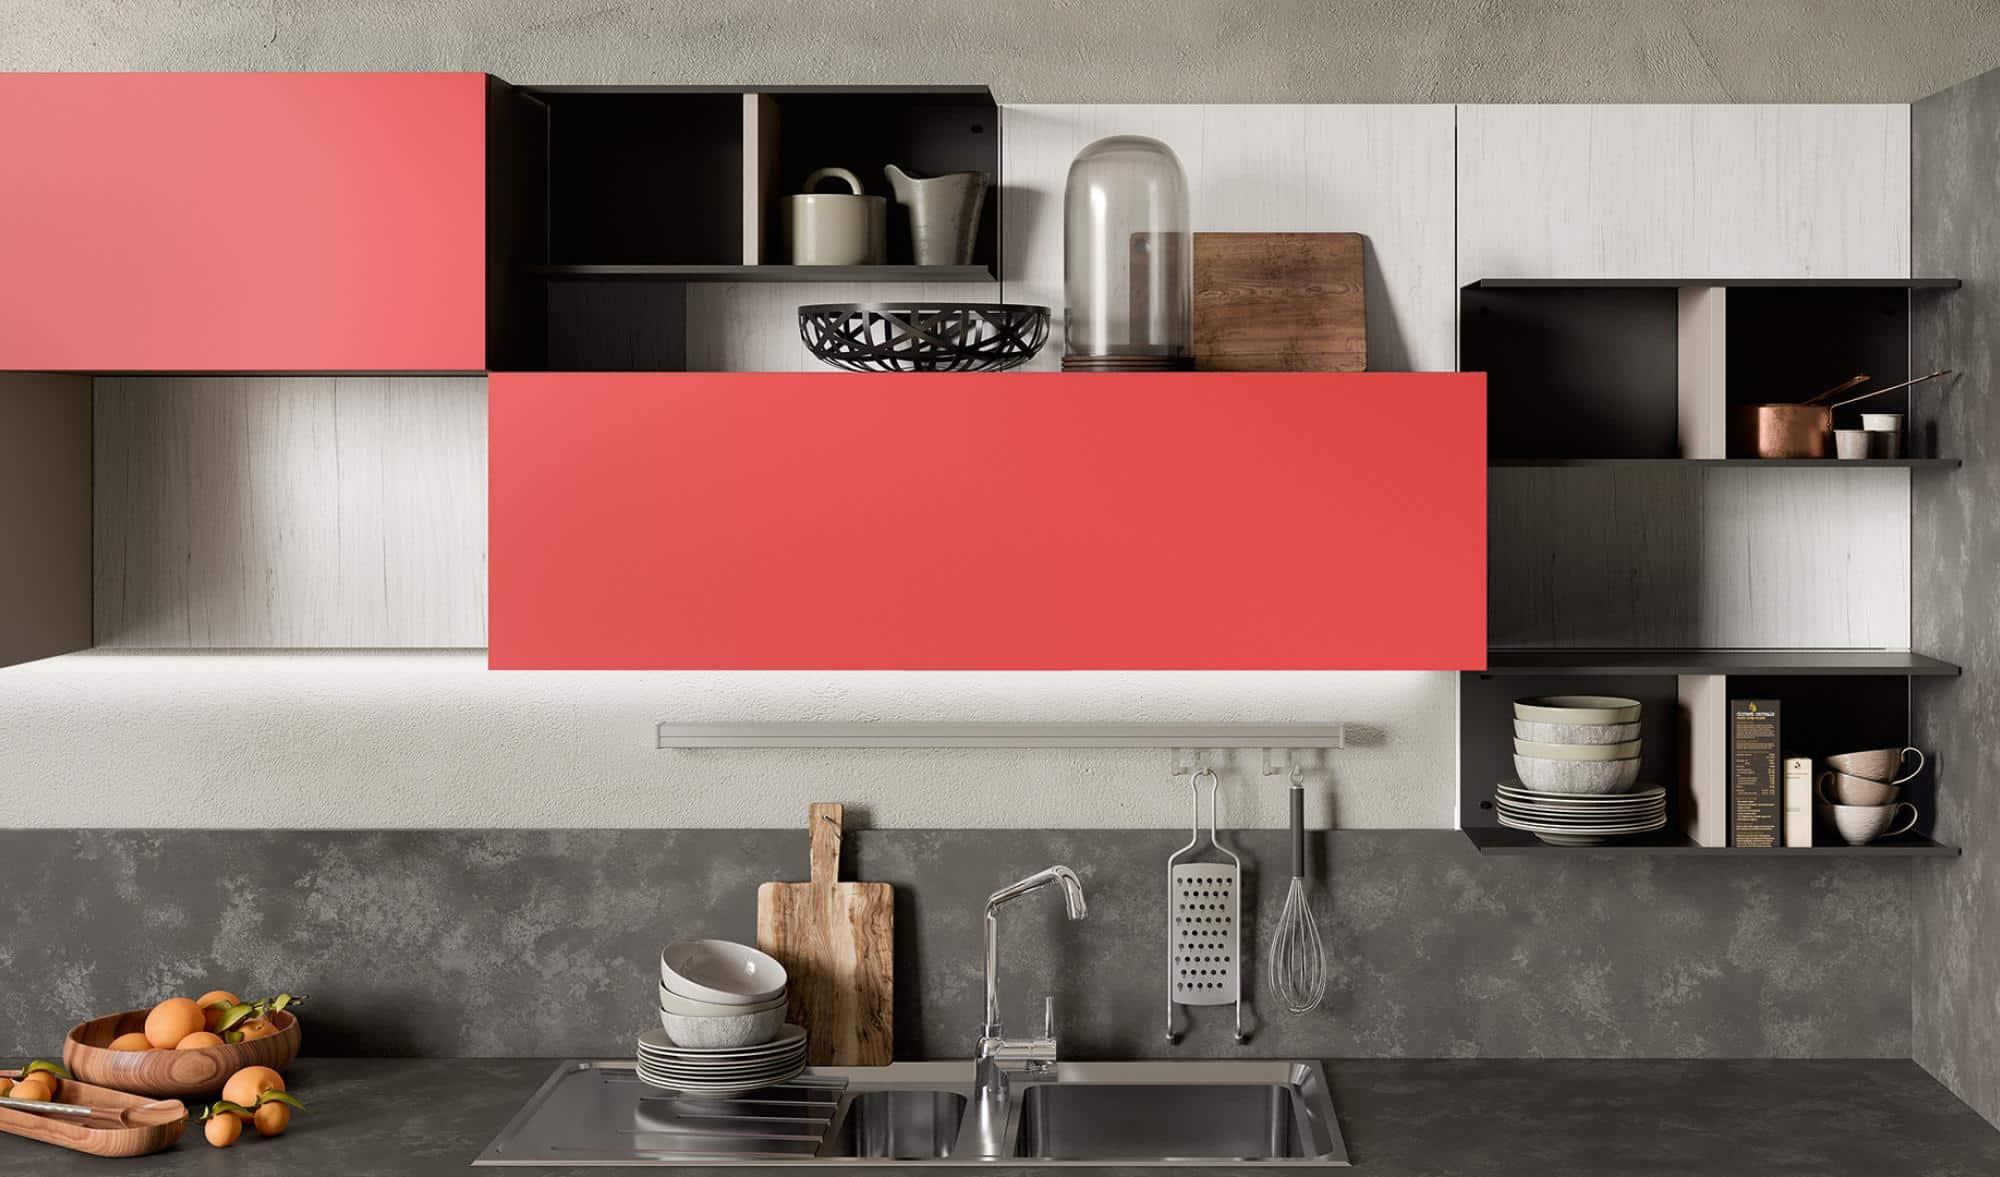 Κουζινα σε κοκκινο με μπεζ ματ χρωματισμο